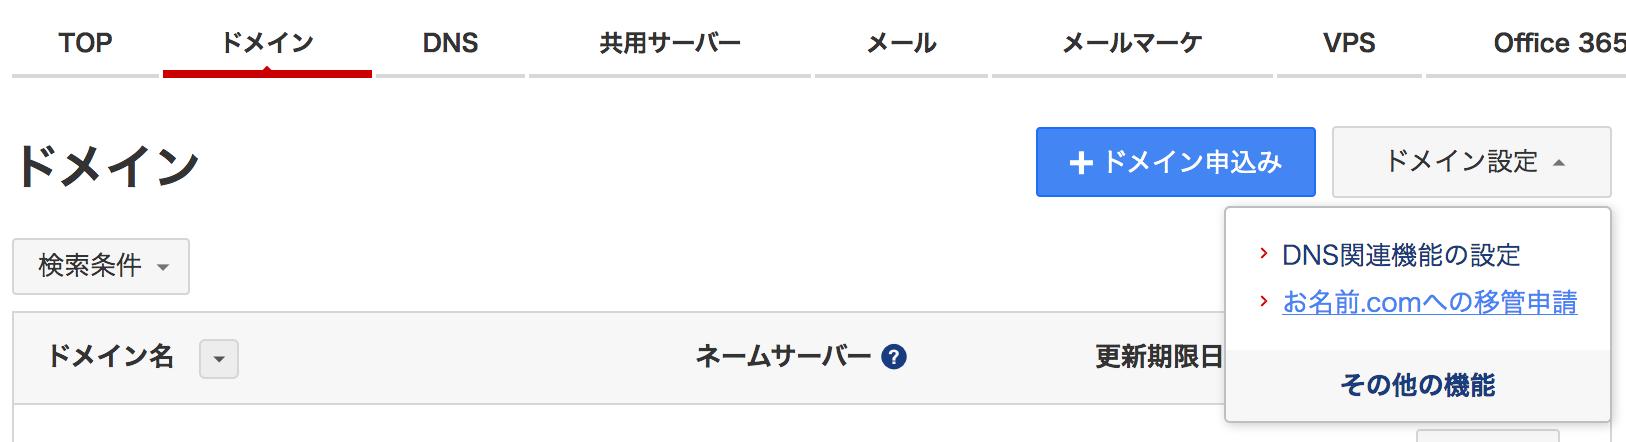 お名前.comの管理画面に入り、ドメイン管理メニューを表示させます。